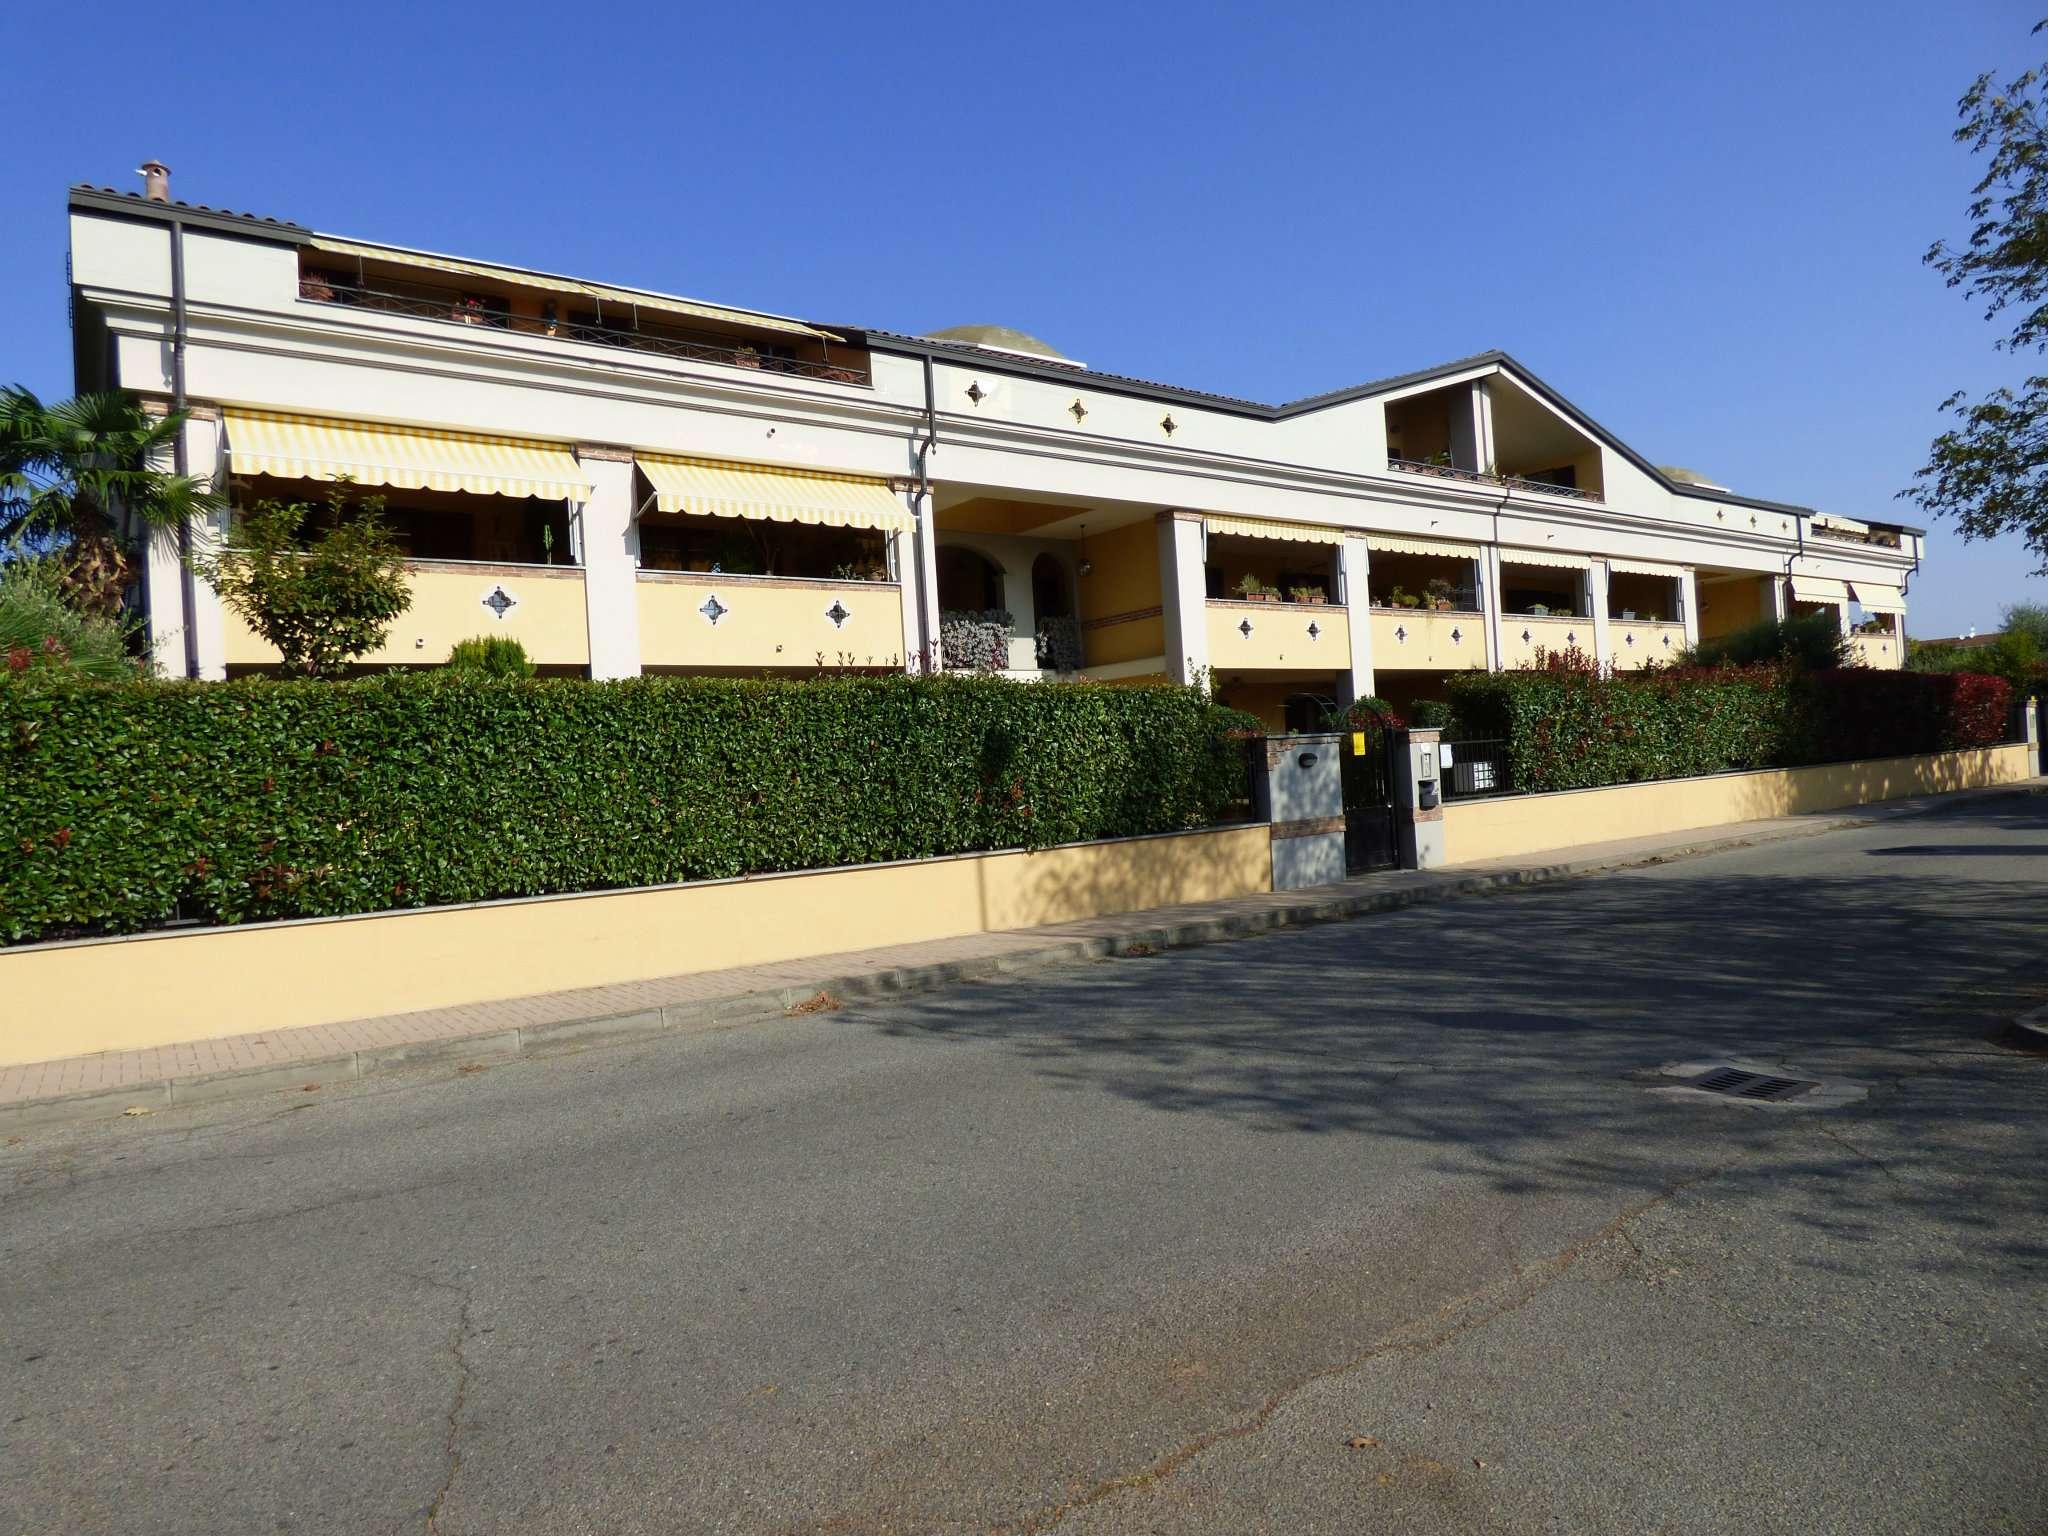 Attico / Mansarda in vendita a Caselle Torinese, 4 locali, prezzo € 148.000 | PortaleAgenzieImmobiliari.it